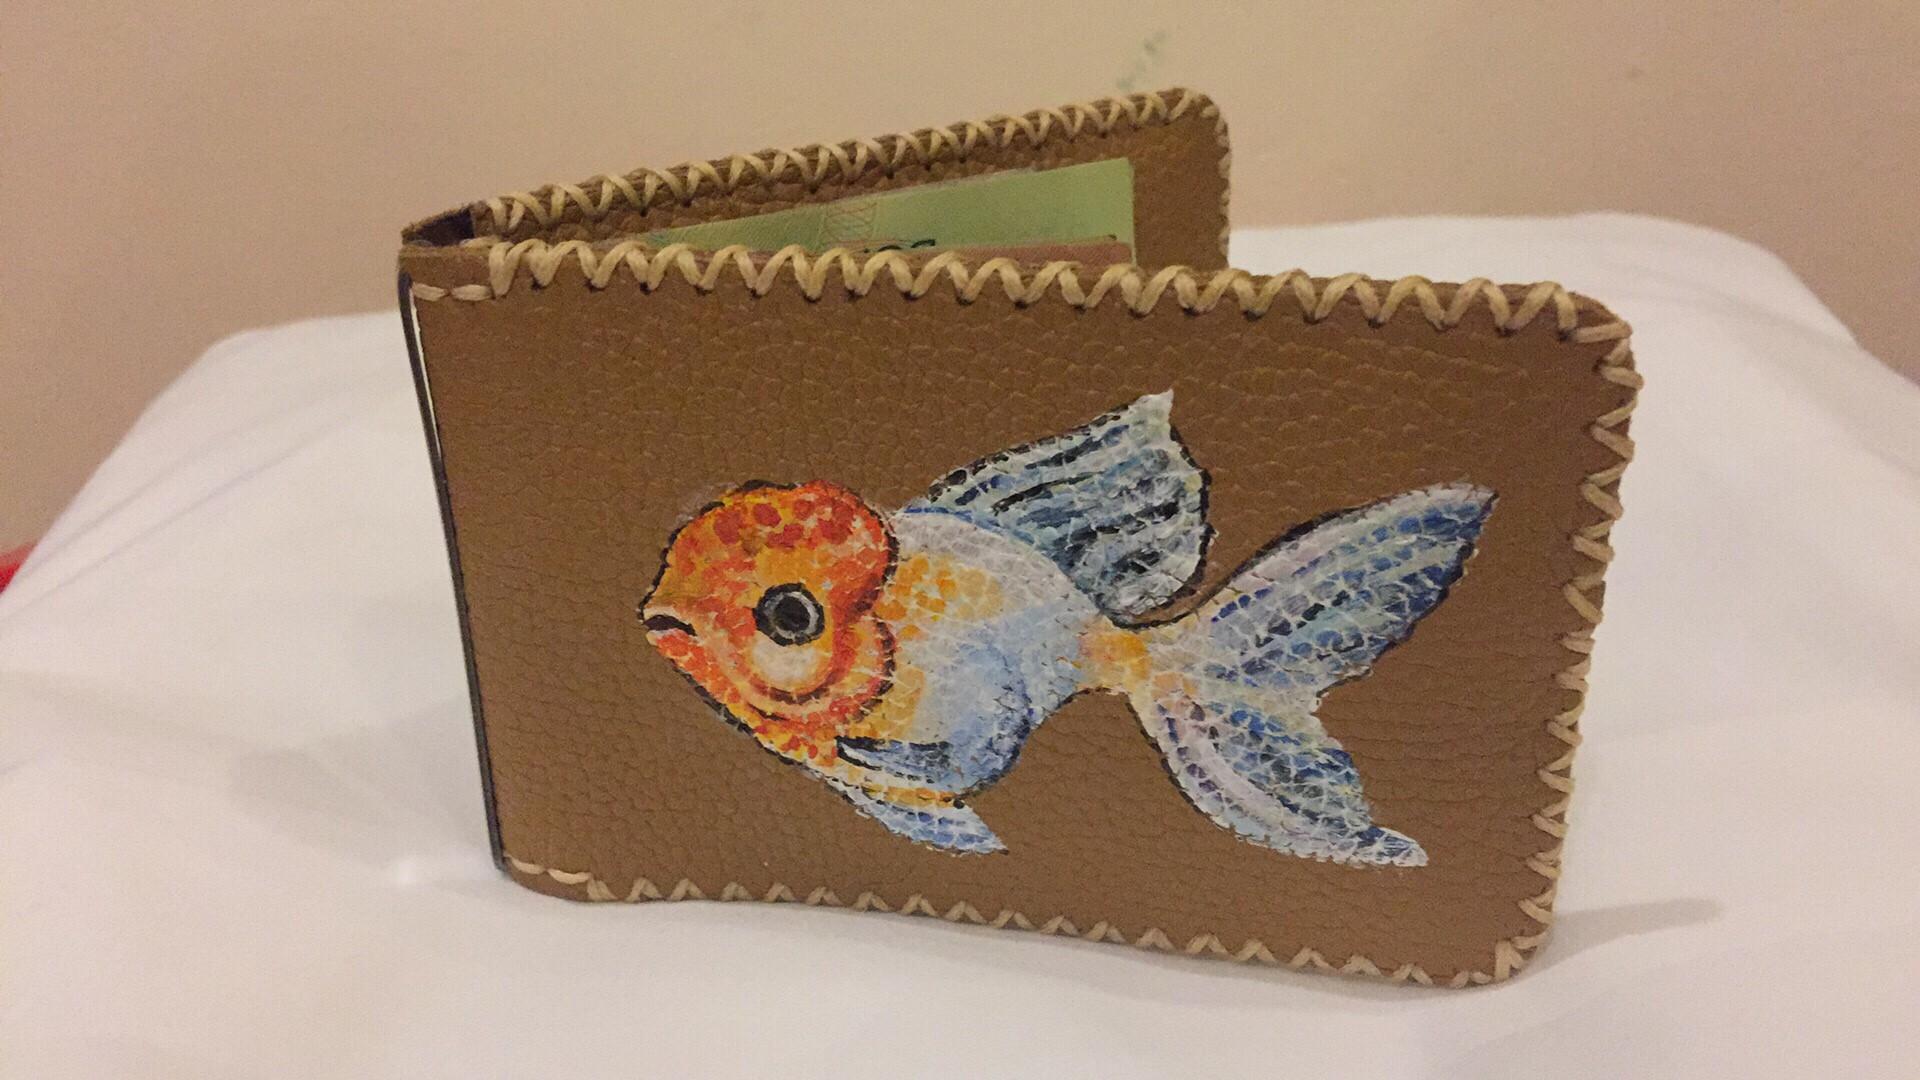 Ví kẹp tiền vẽ trang trí con cá